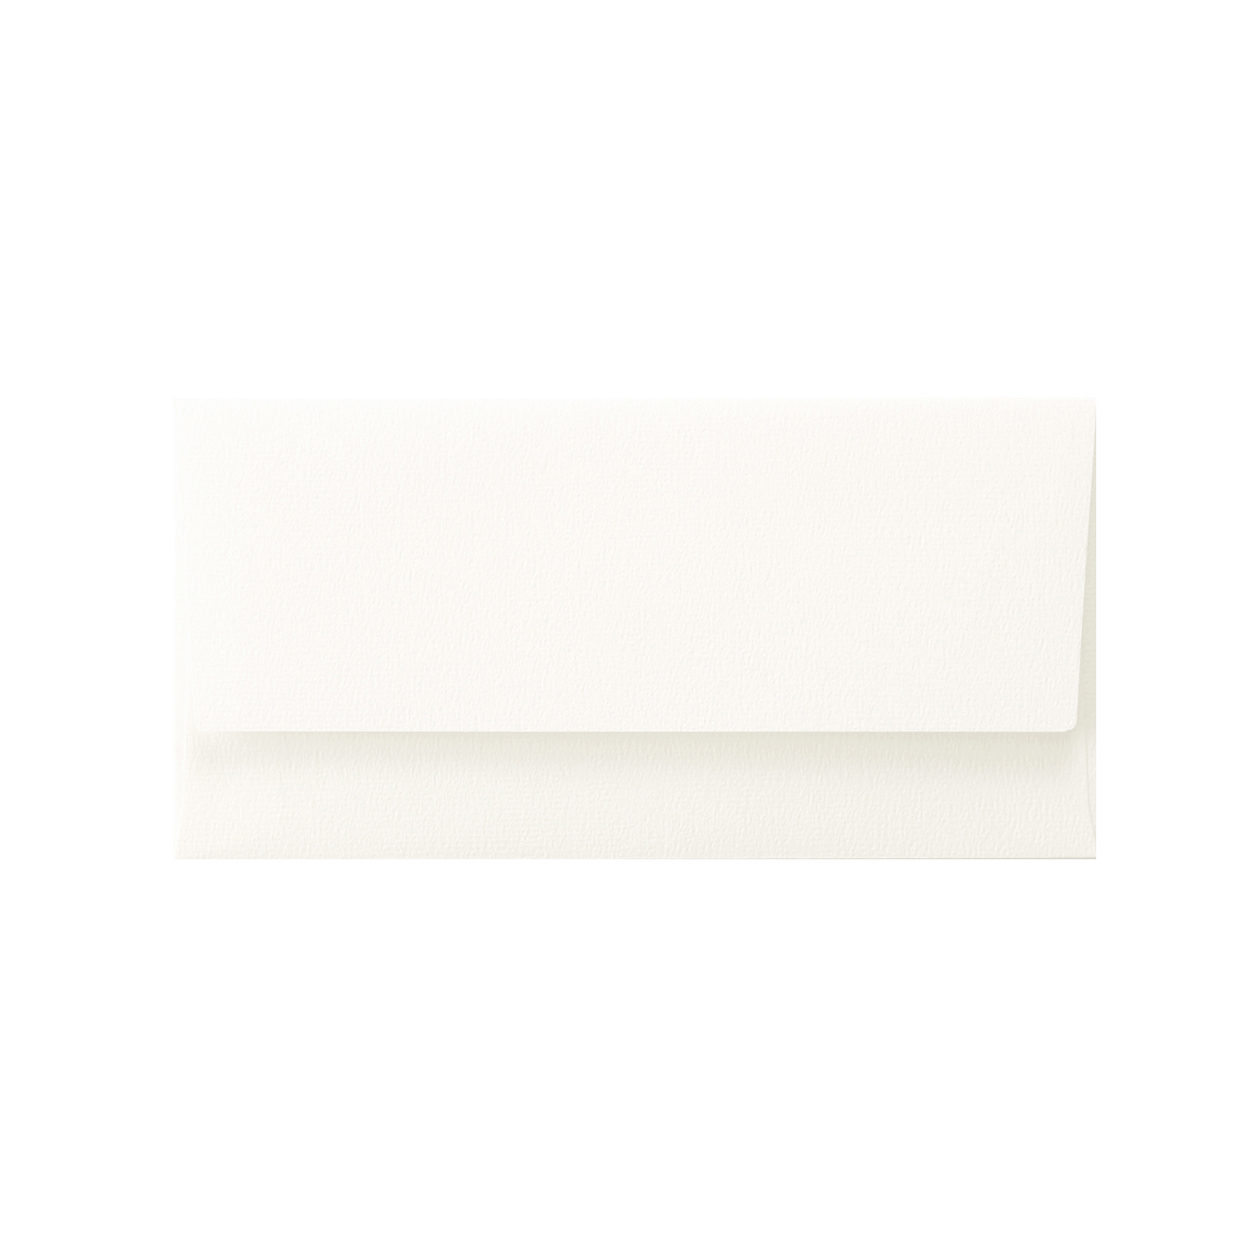 商品券袋 ボス ユキ 104.7g